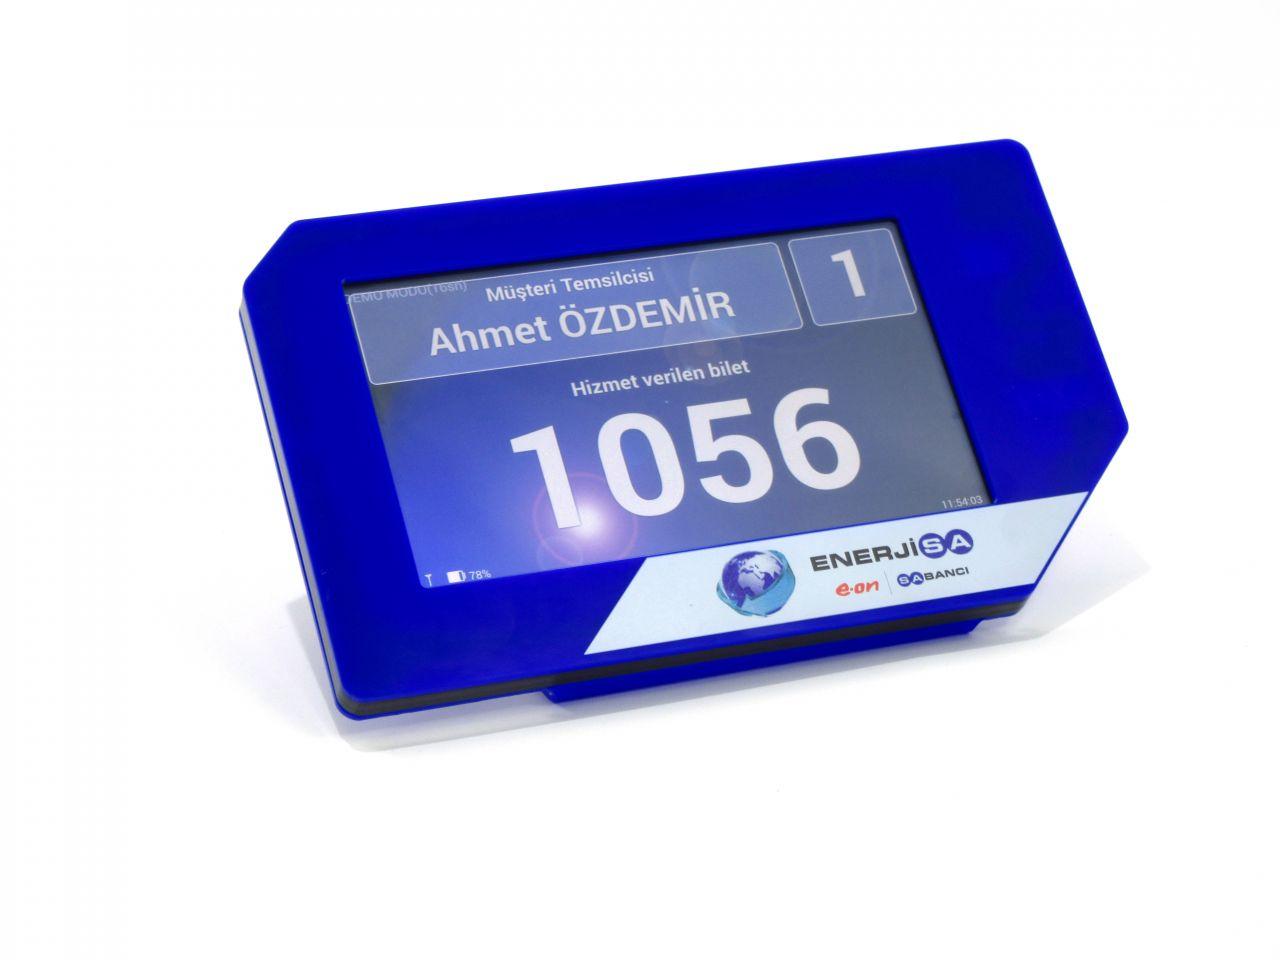 QSMPOLL010201 - EnerjiSA - Onden